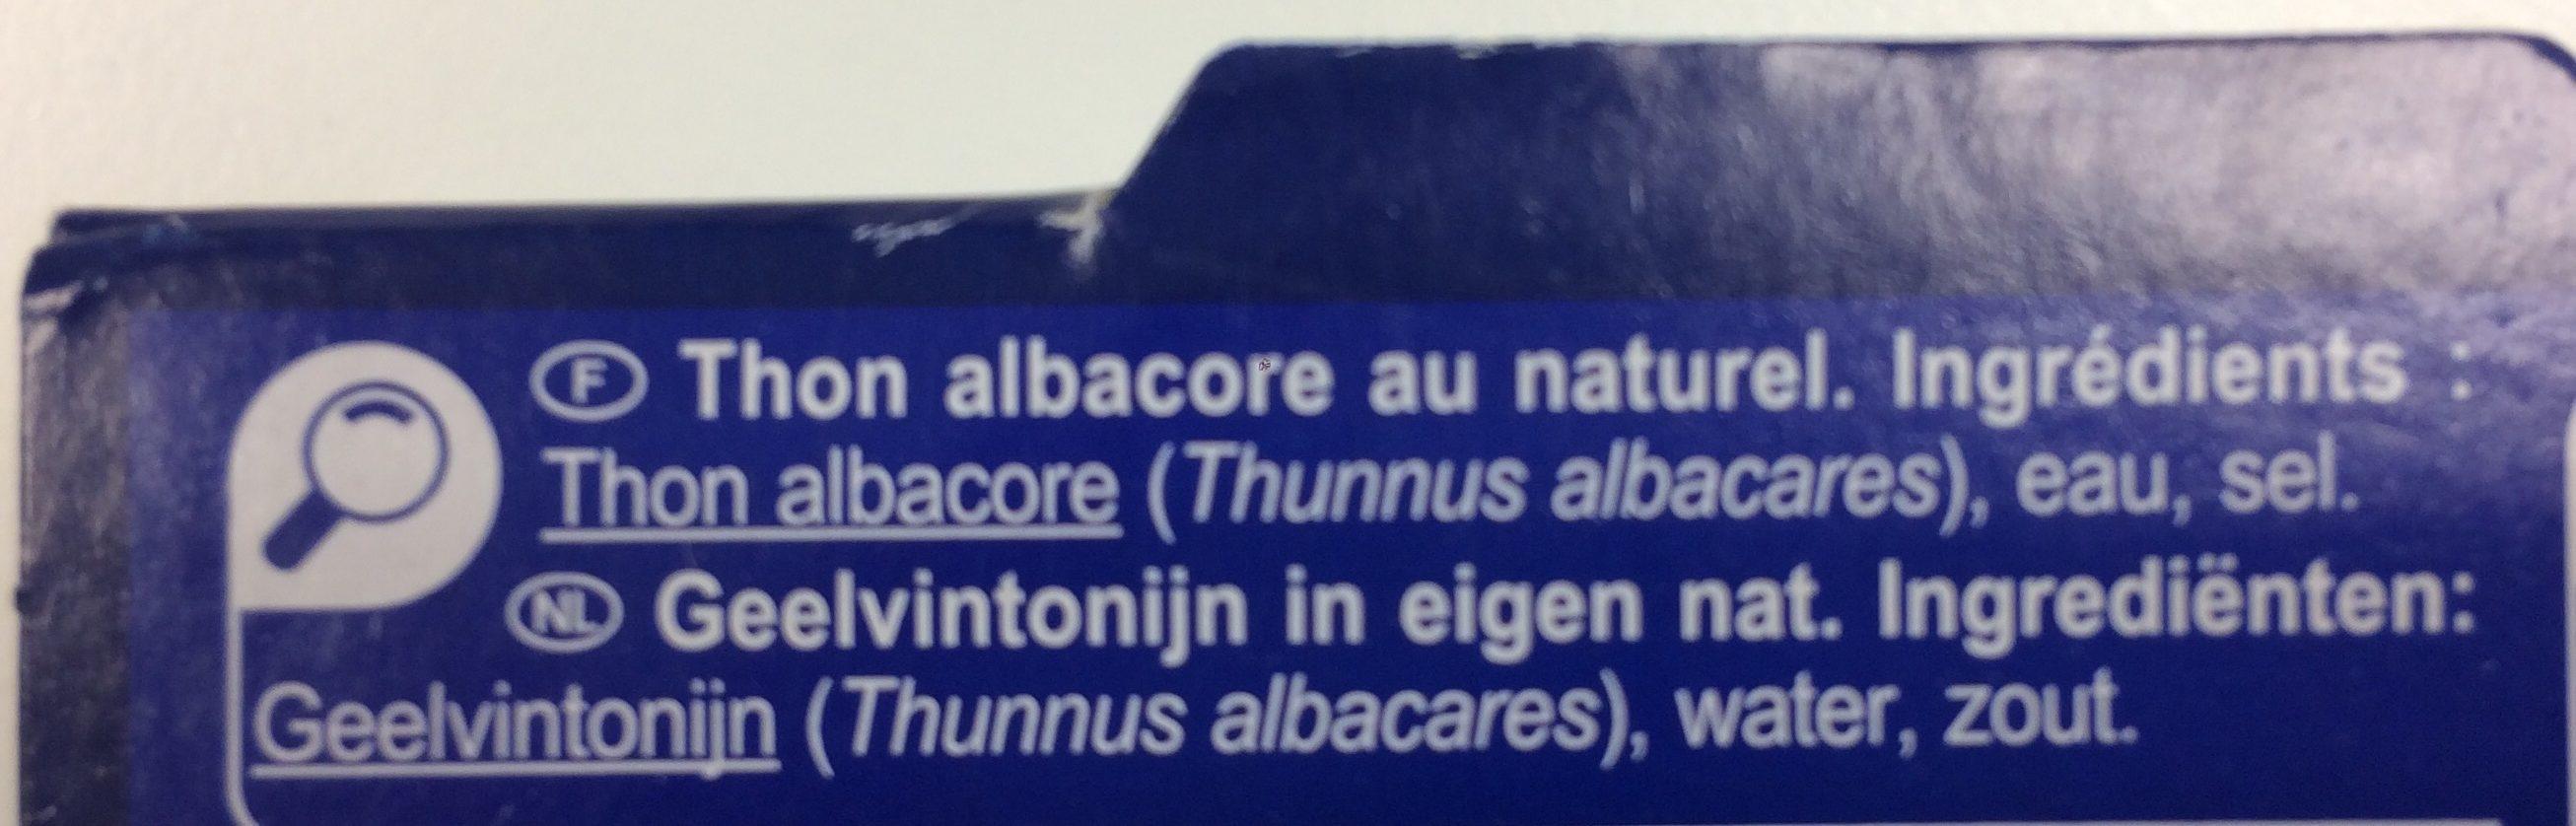 Thon albacore En tranches - Ingredienti - fr